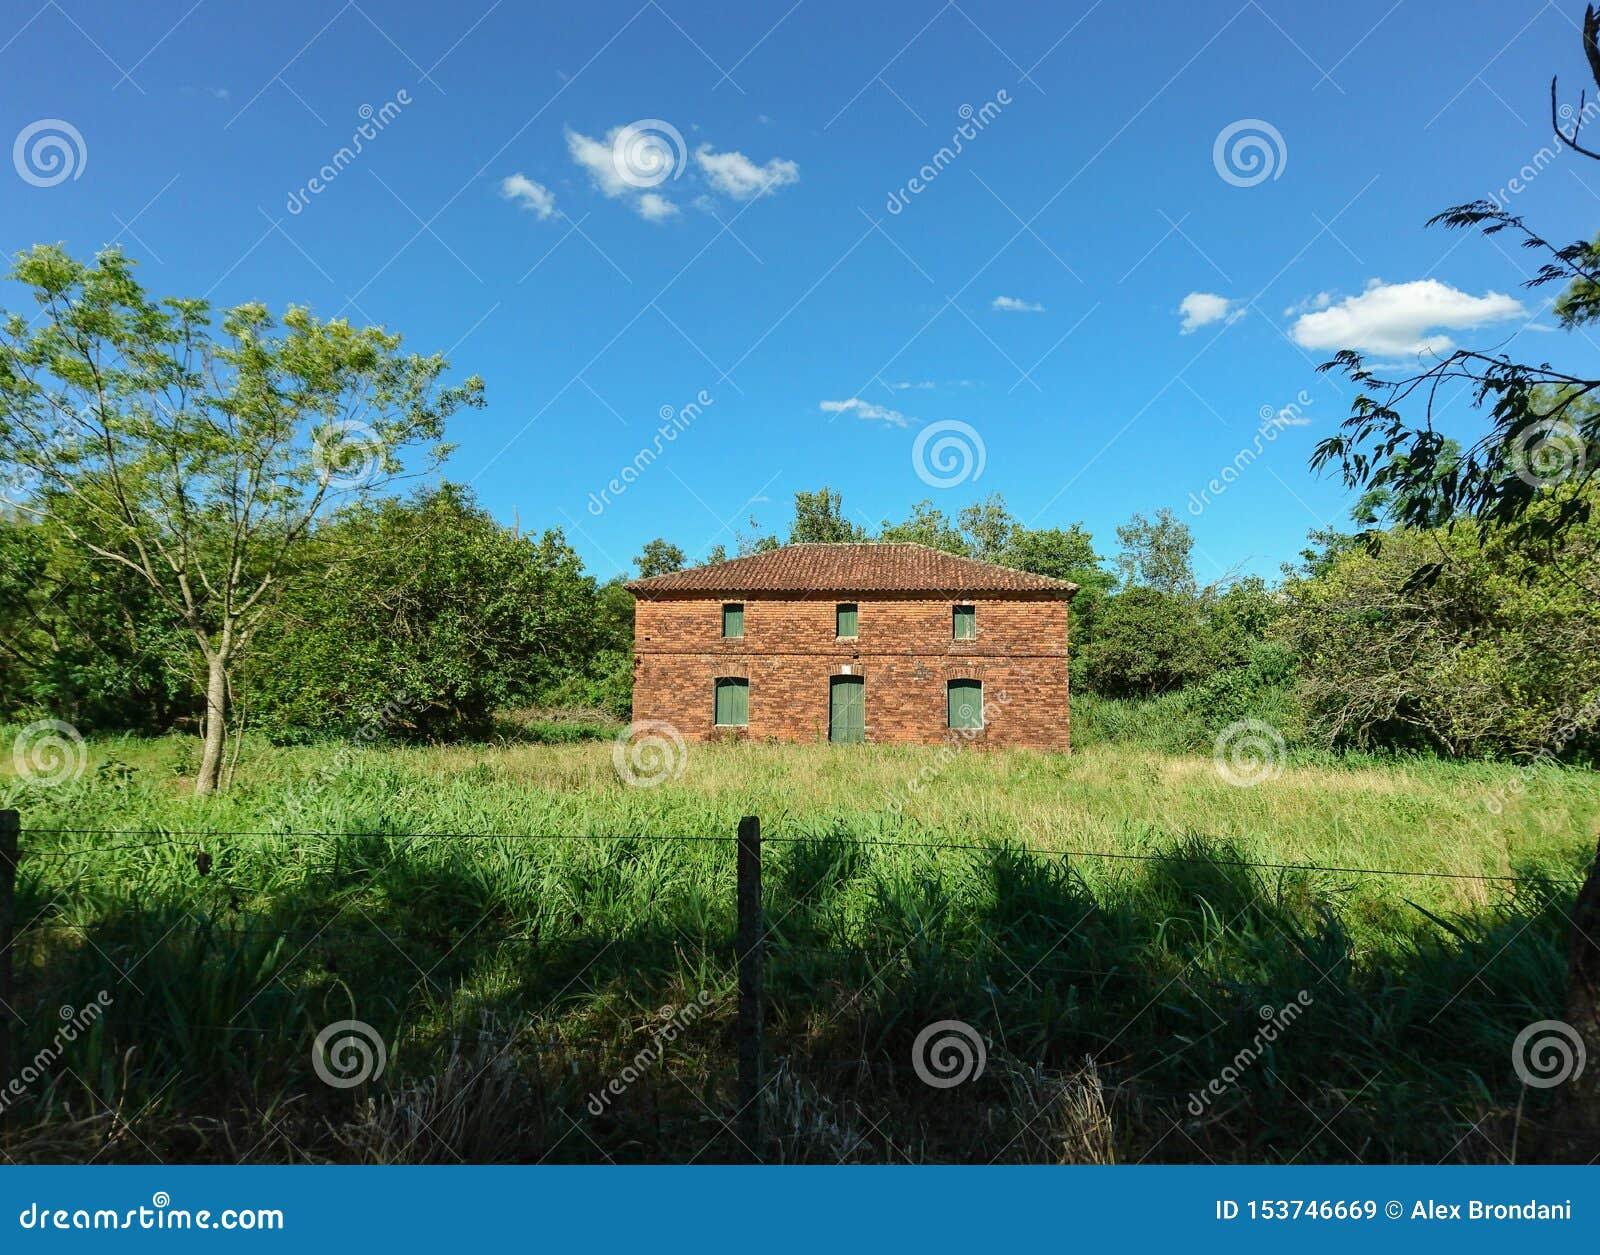 Une Chambre abandonnée de brique